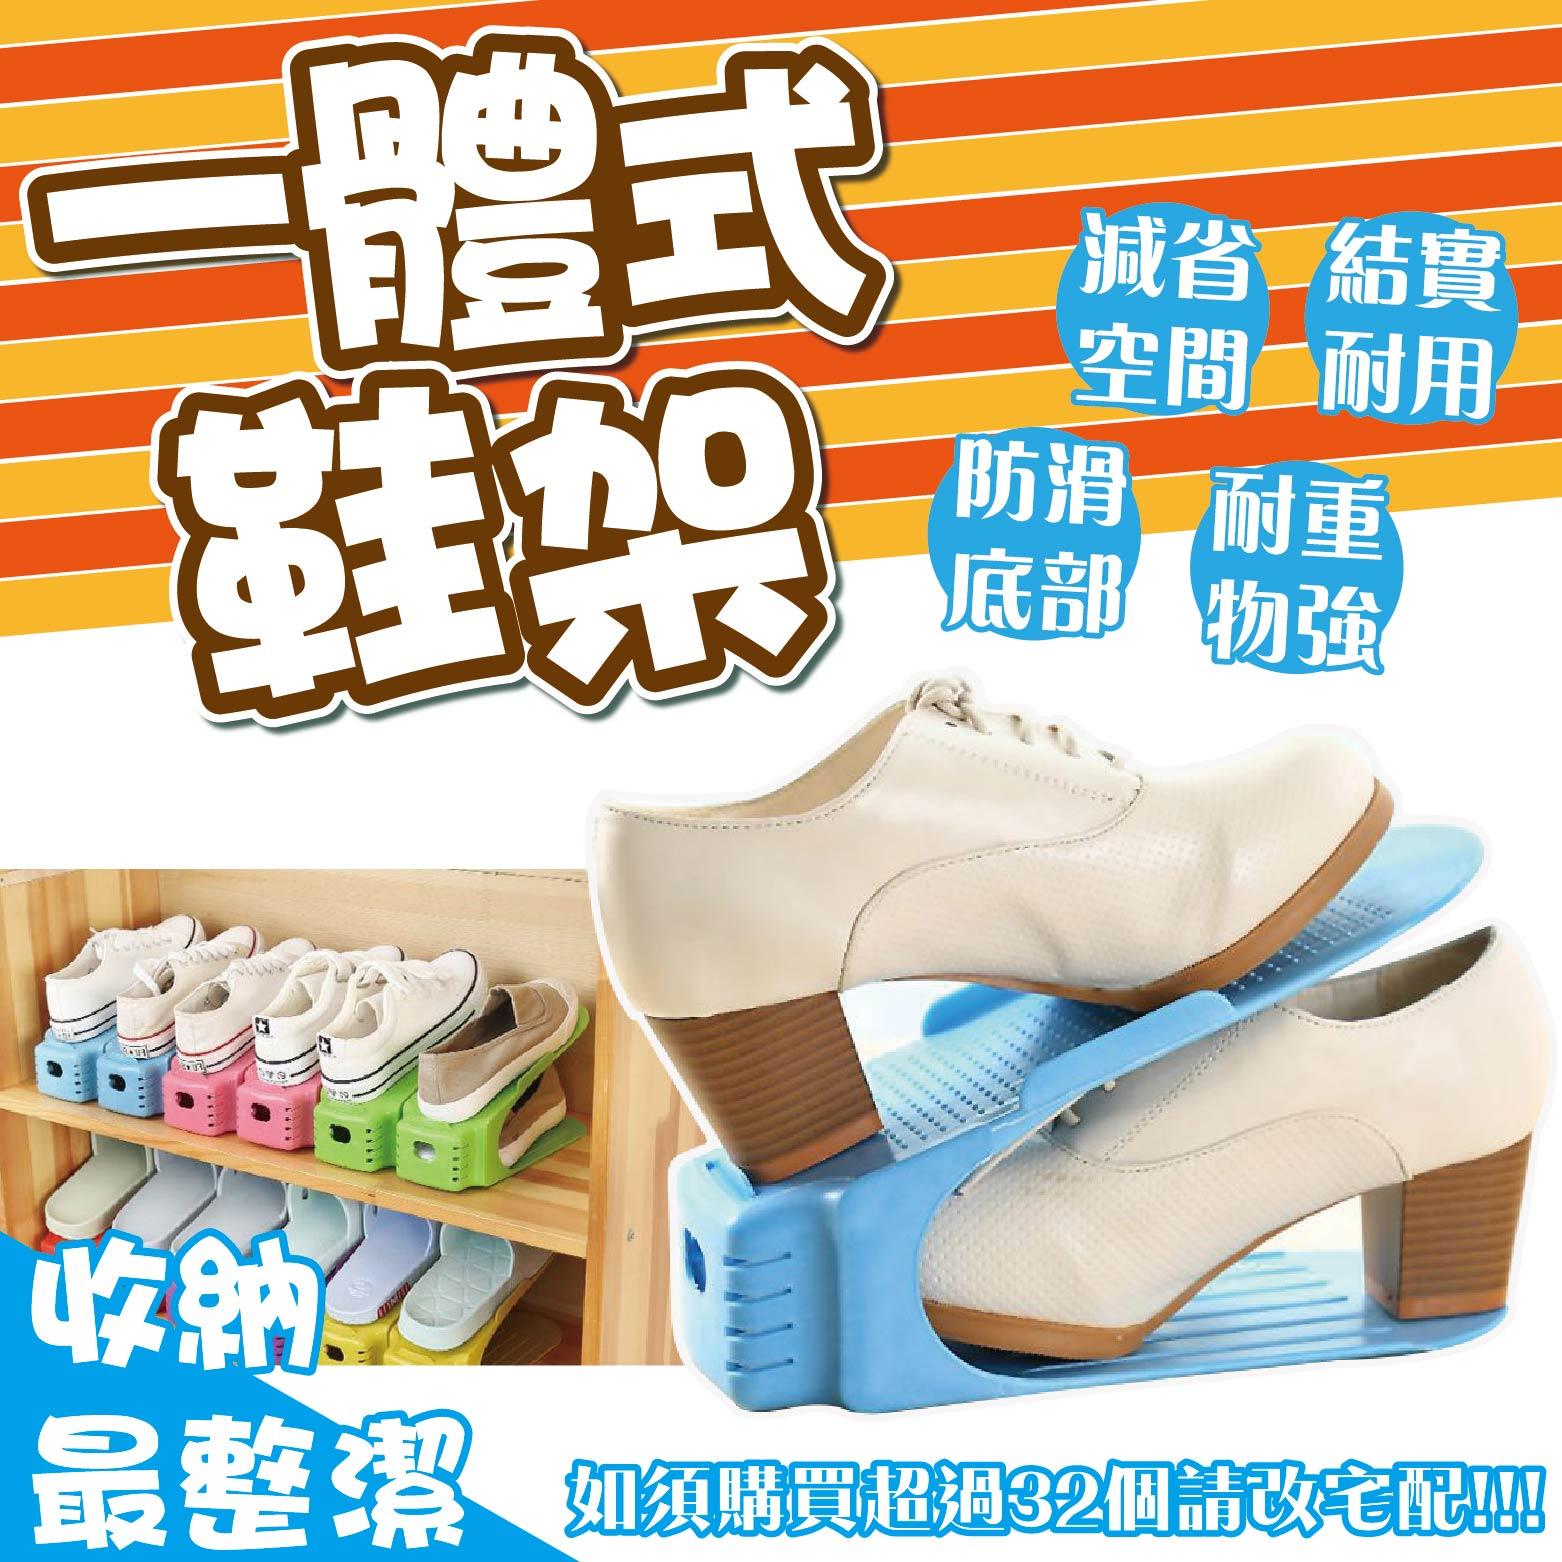 百寶袋【收納高手】可調式 一體式鞋架 簡易鞋子收納架 馬卡龍鞋架 鞋盒 鞋櫃 鞋架【BE226】